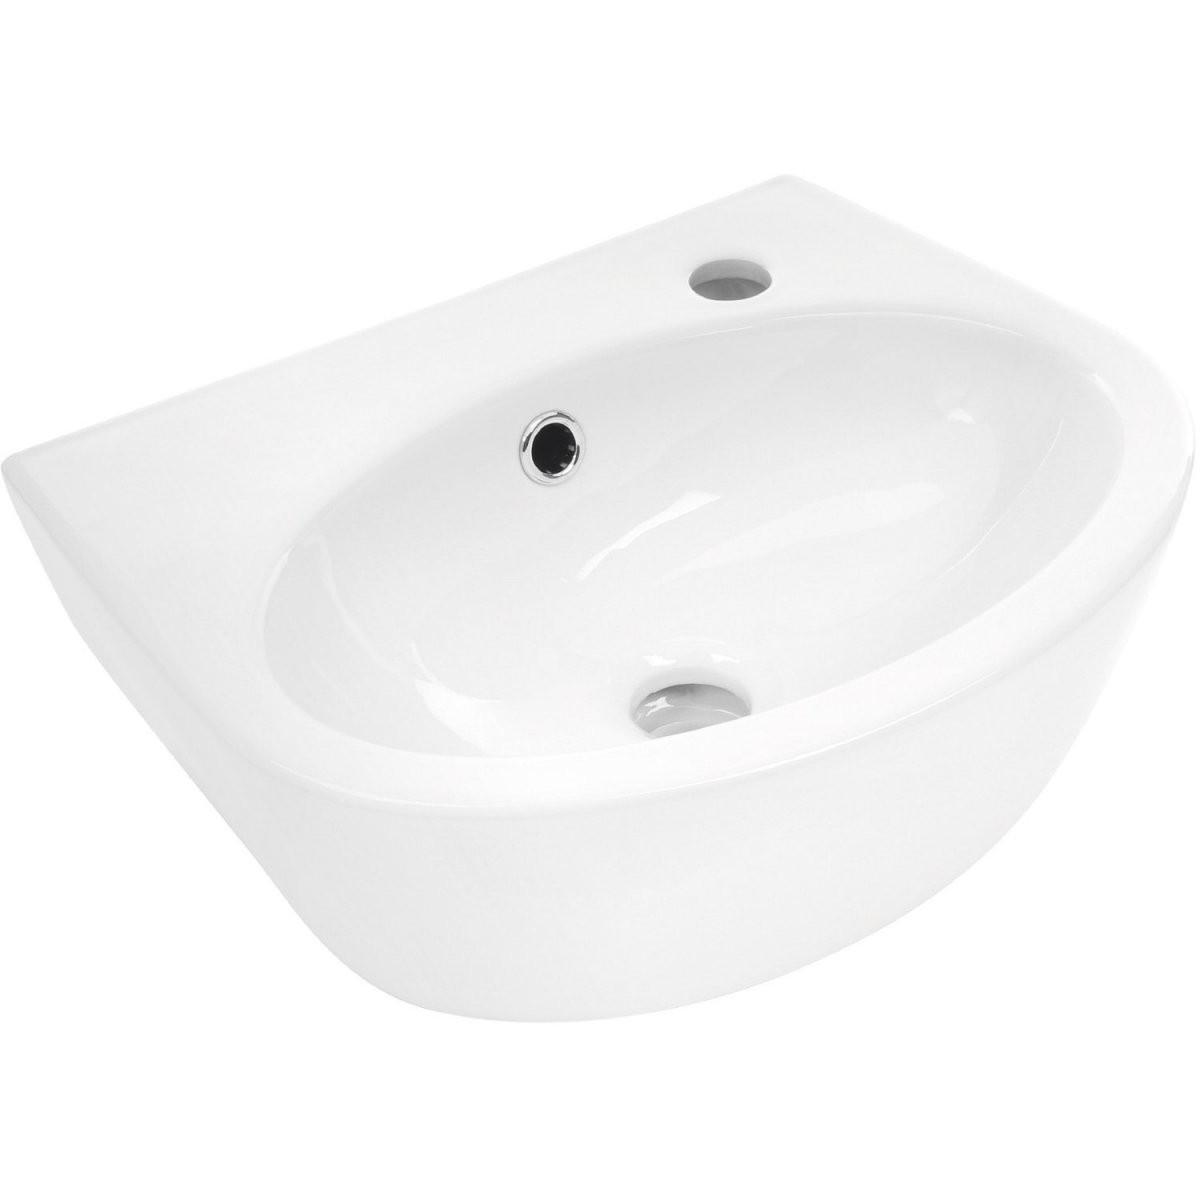 Waschbecken Kaufen  In Großer Auswahl Bei Obi von Waschbecken 35 Cm Tief Photo